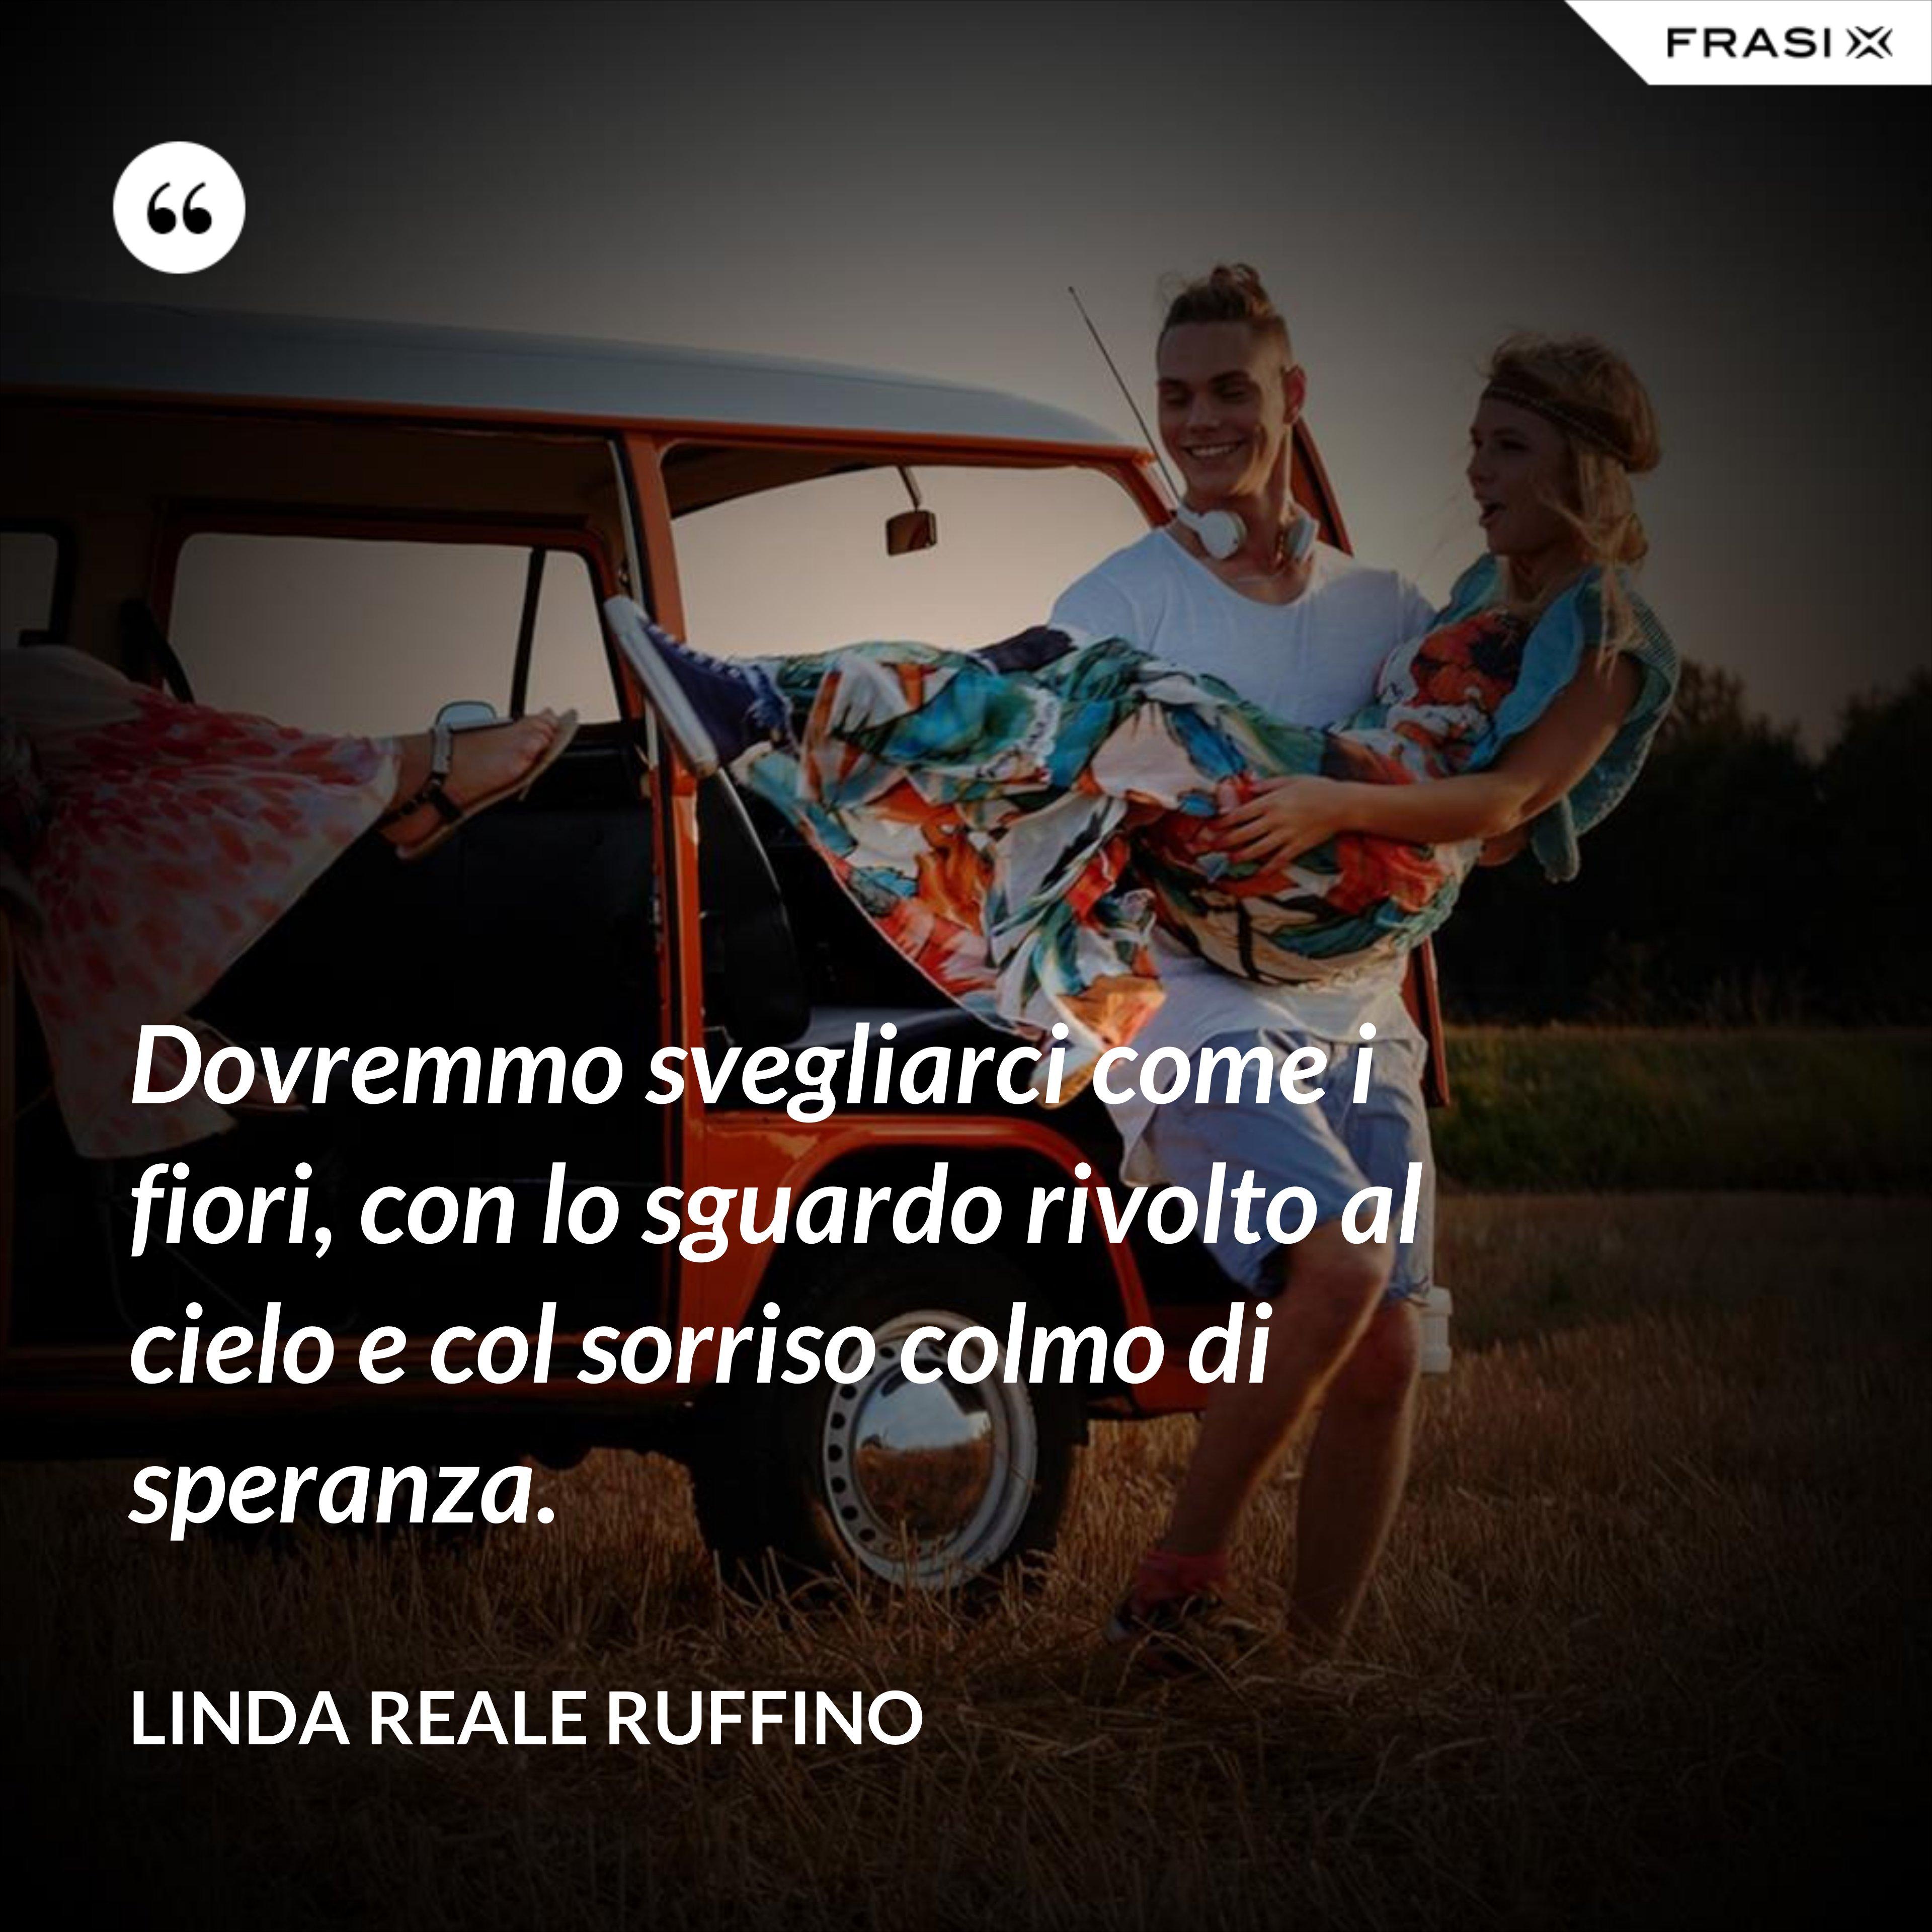 Dovremmo svegliarci come i fiori, con lo sguardo rivolto al cielo e col sorriso colmo di speranza. - Linda Reale Ruffino